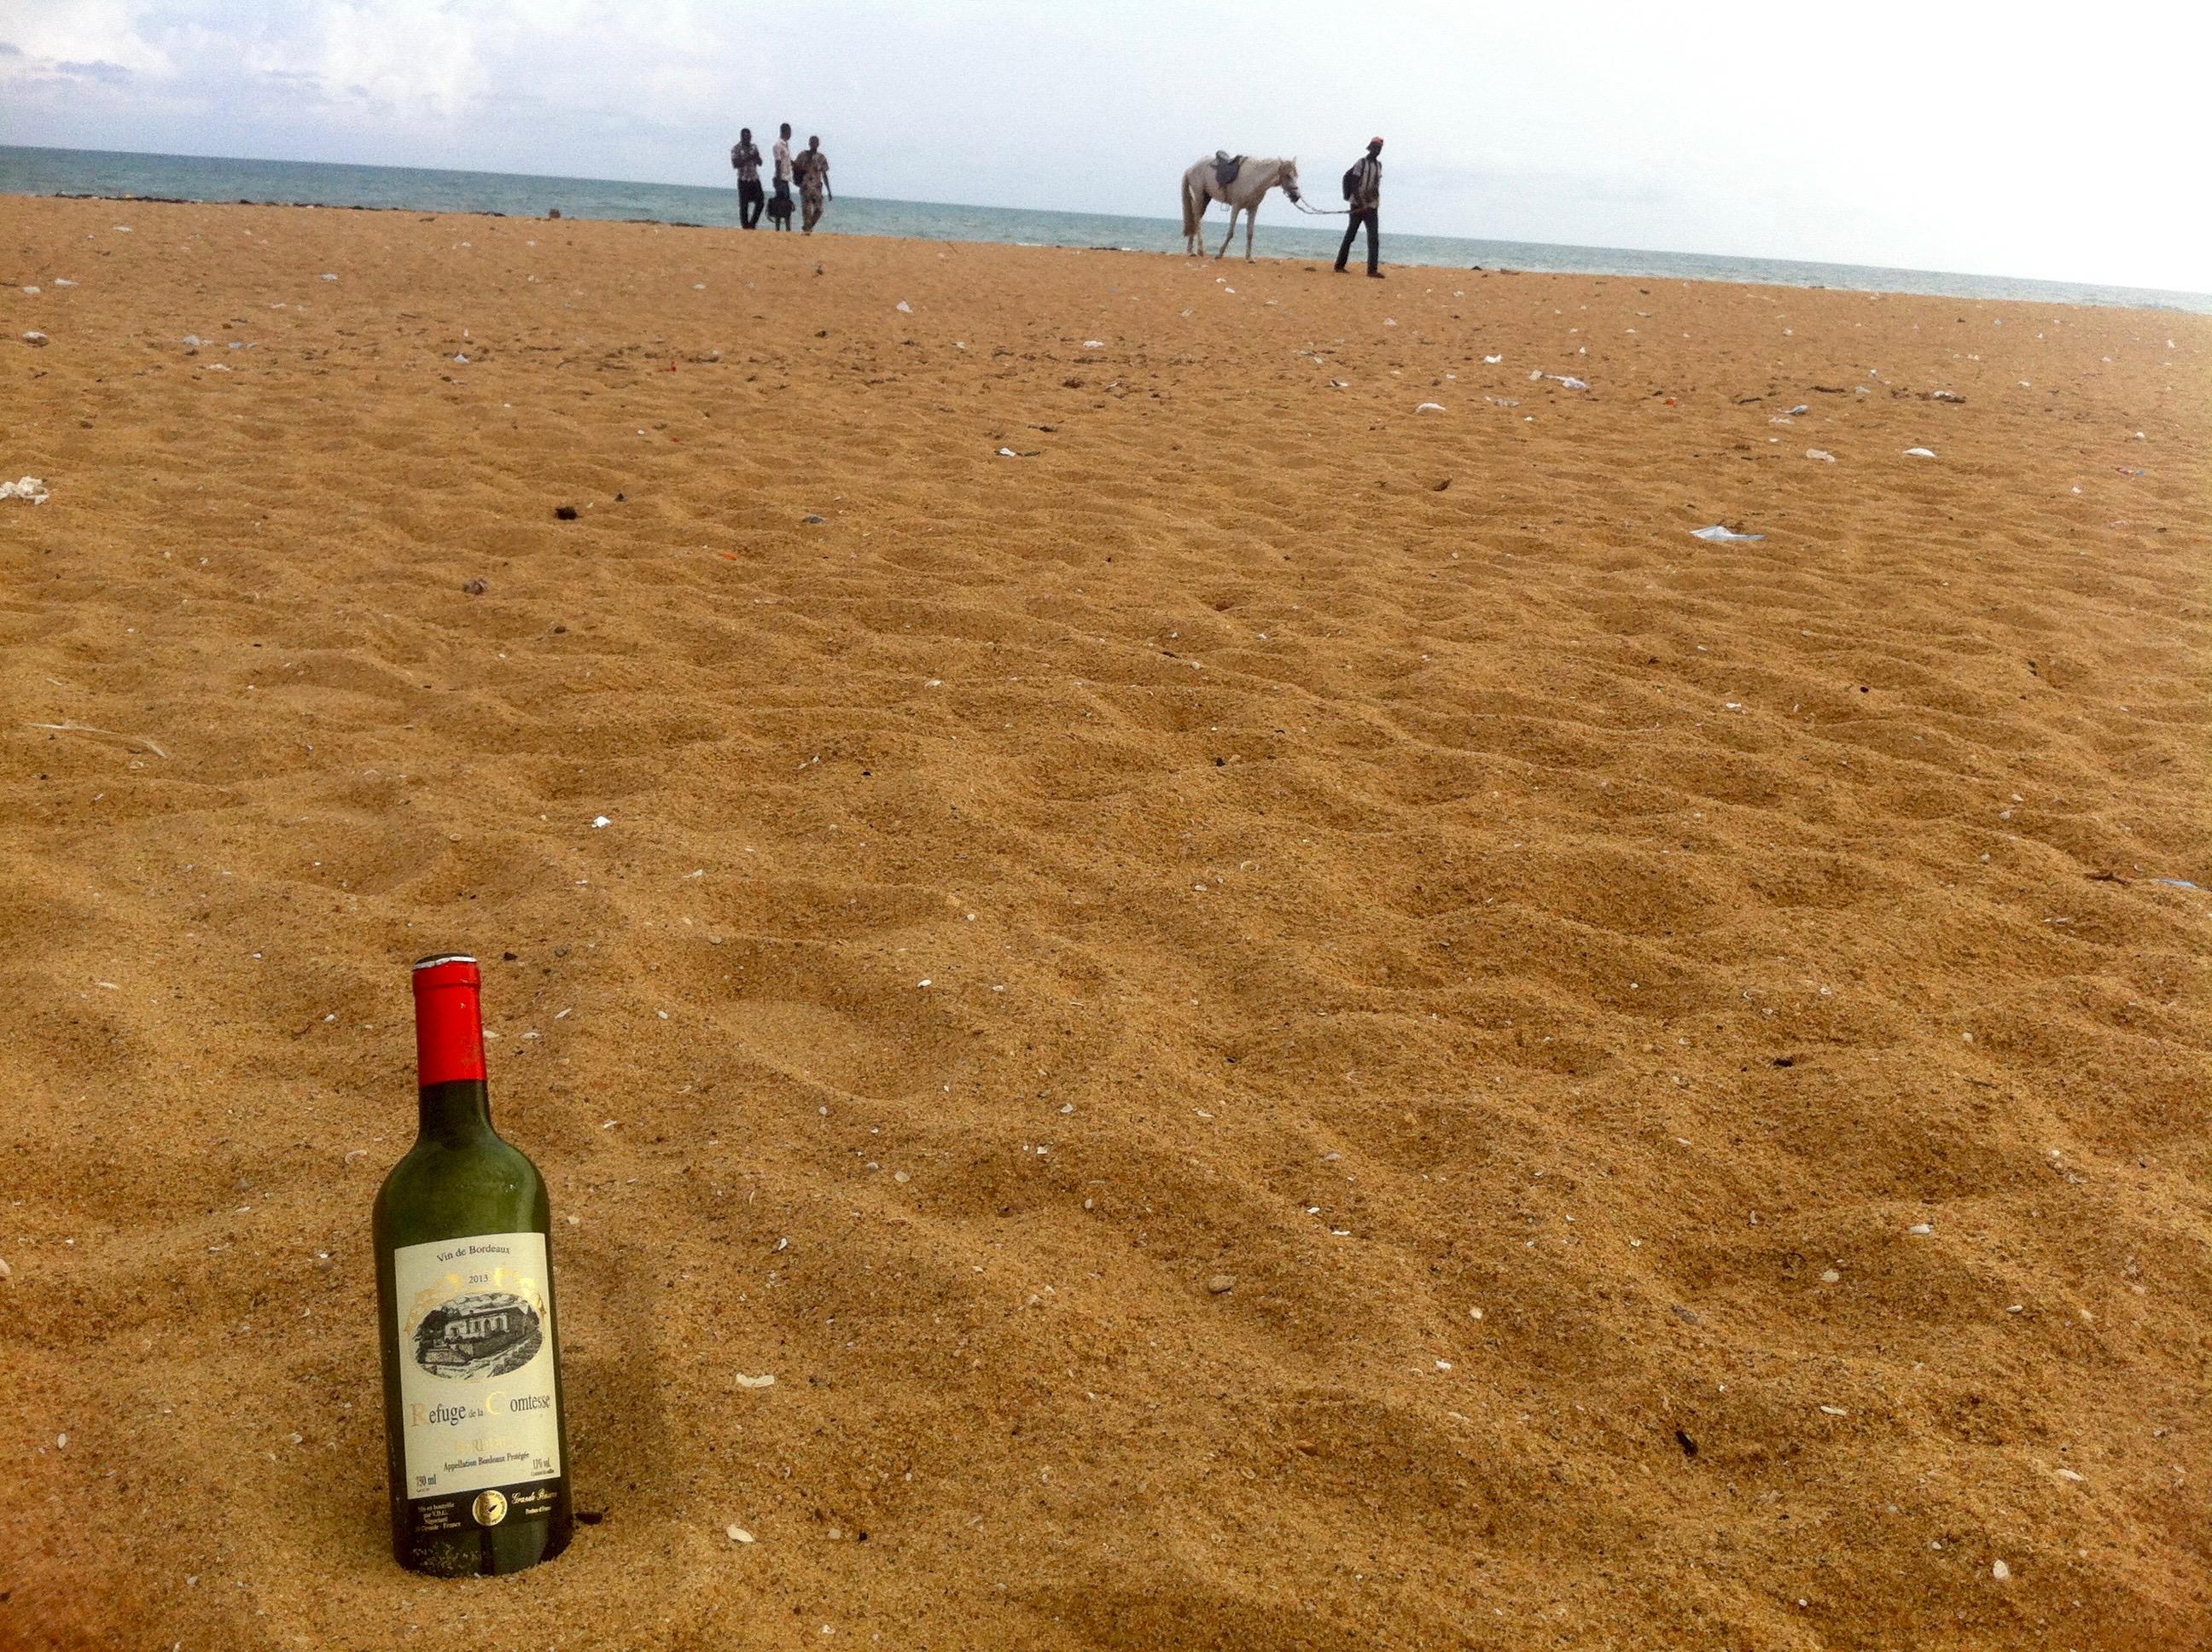 Fidjrosse Beach, Benin. #JujuFilms